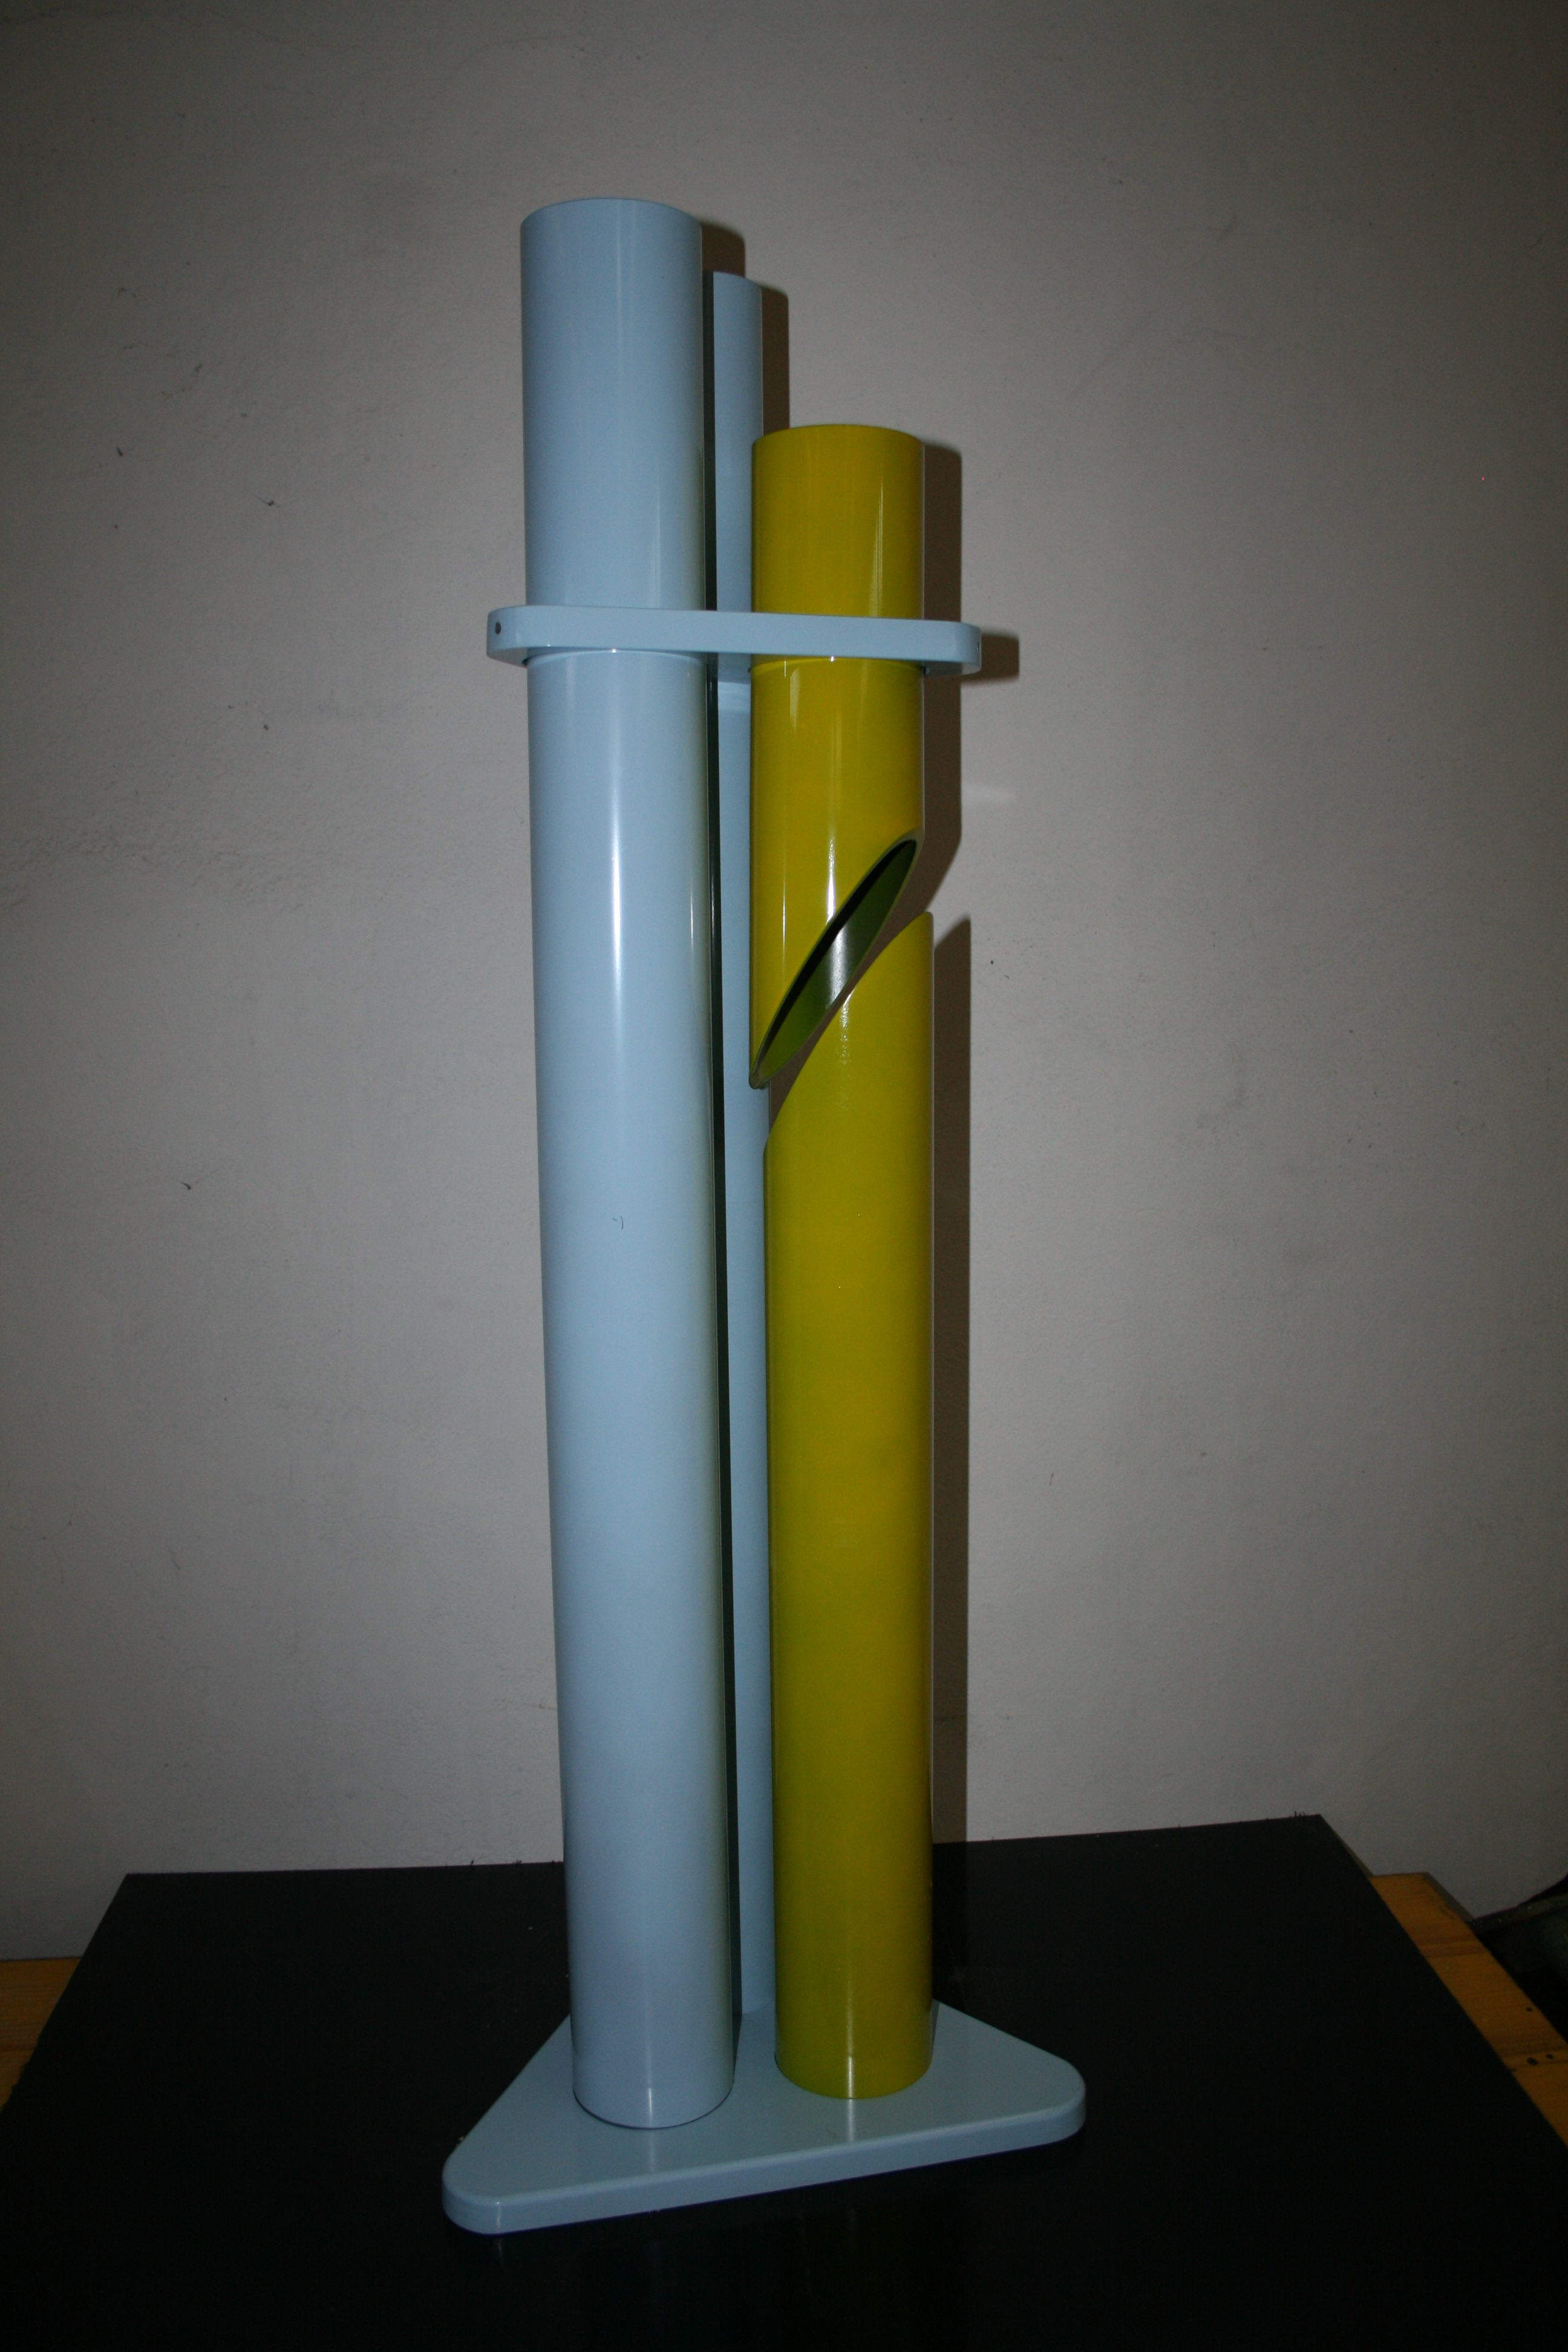 Serbatoi E Manufatti Plastici Tecnoplastica Trento